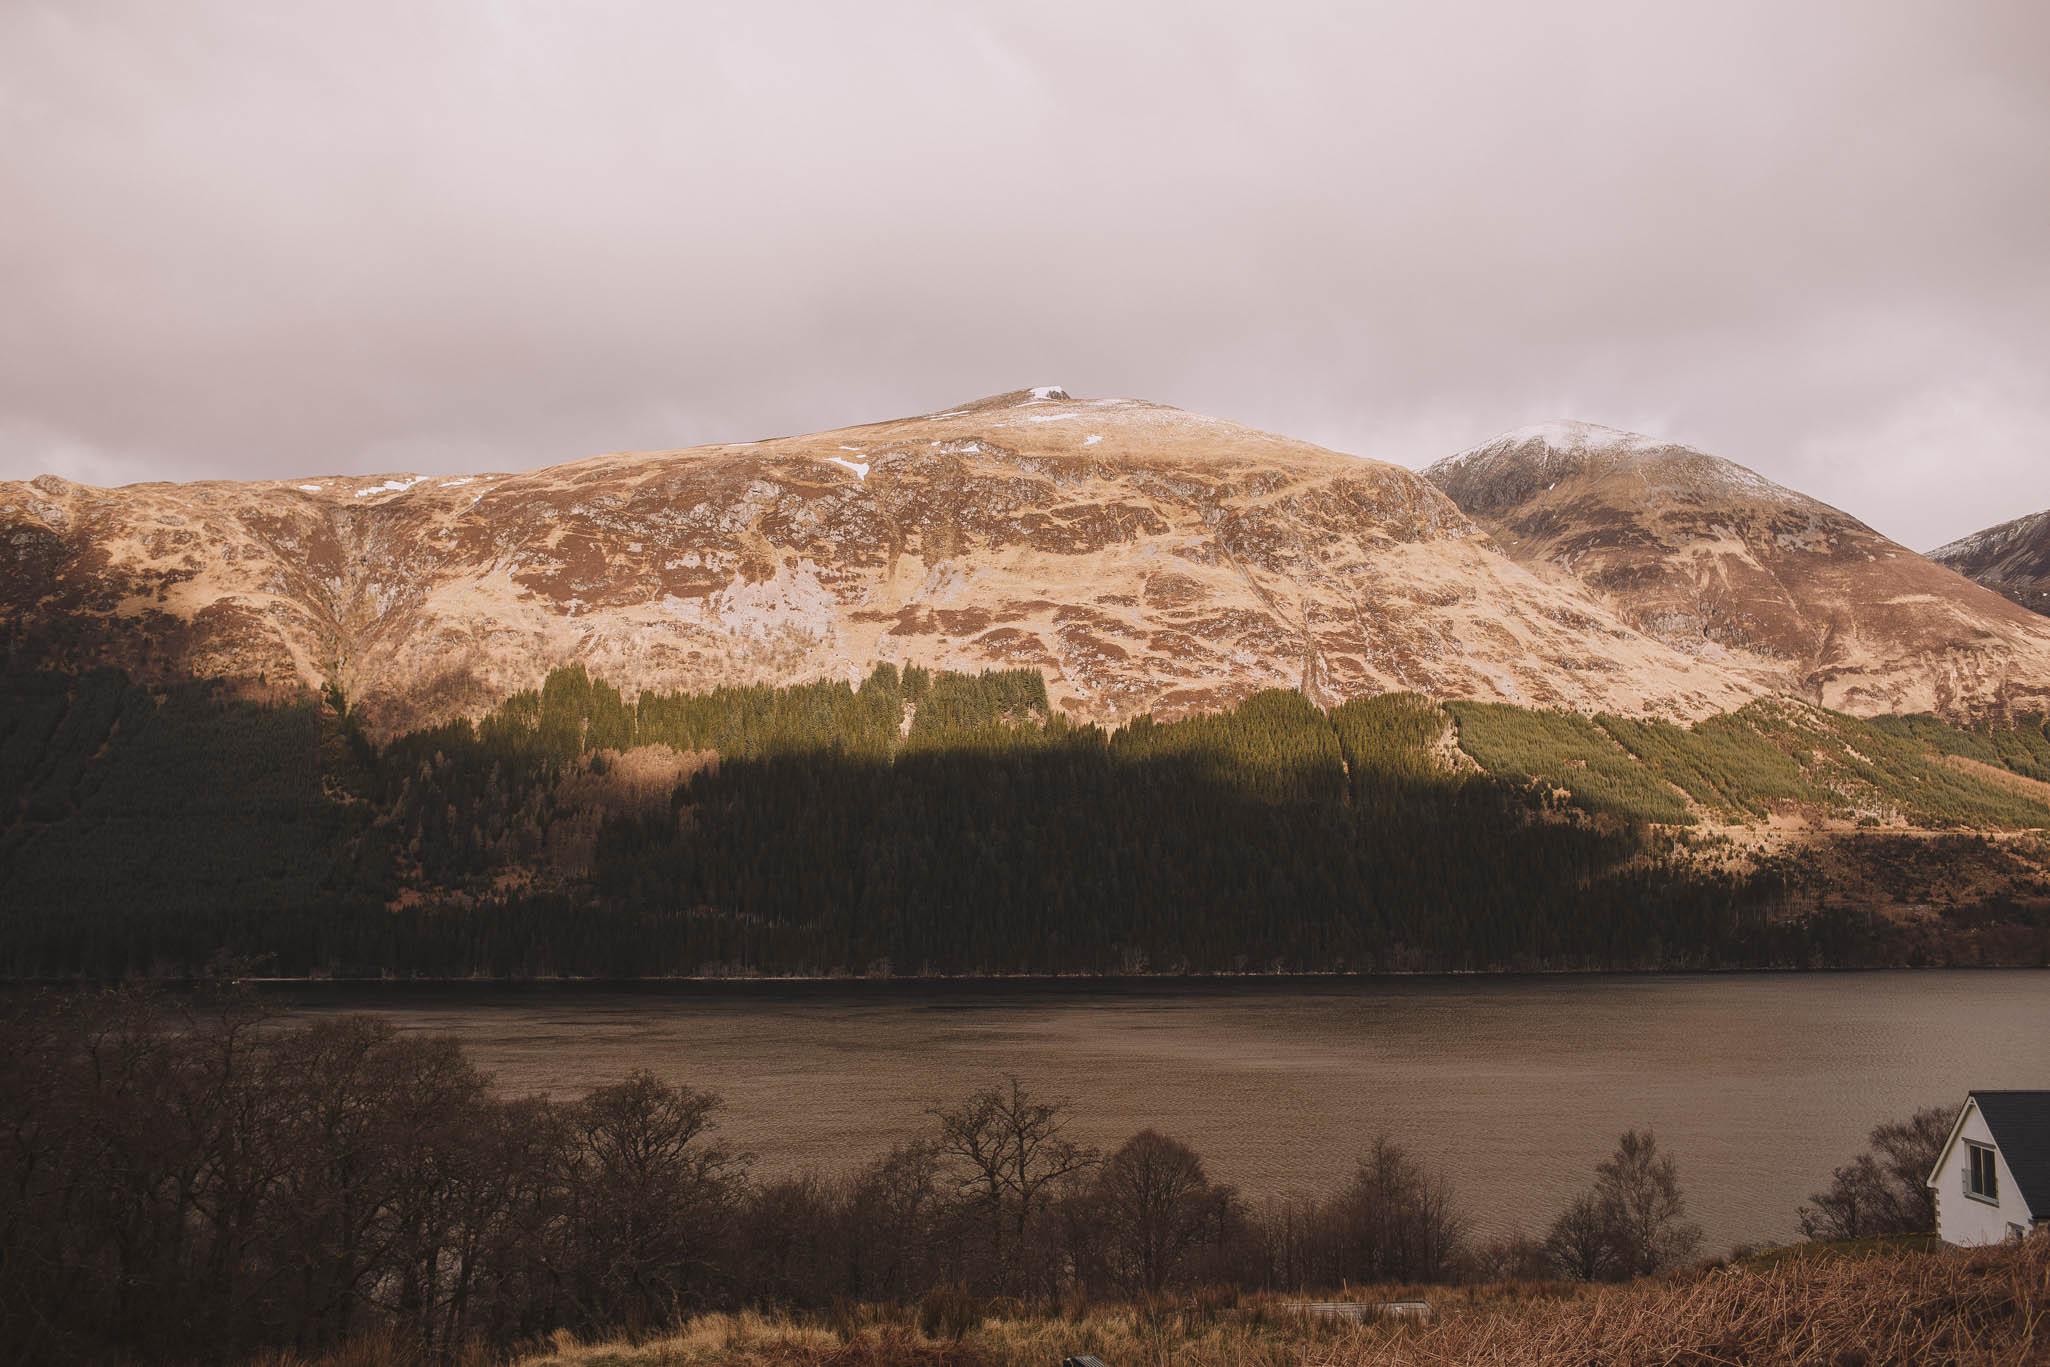 Scotland-wedding-photographer-jeremy-boyer-photographe-mariage-ecosse-voyage-road-trip-travel-31.jpg